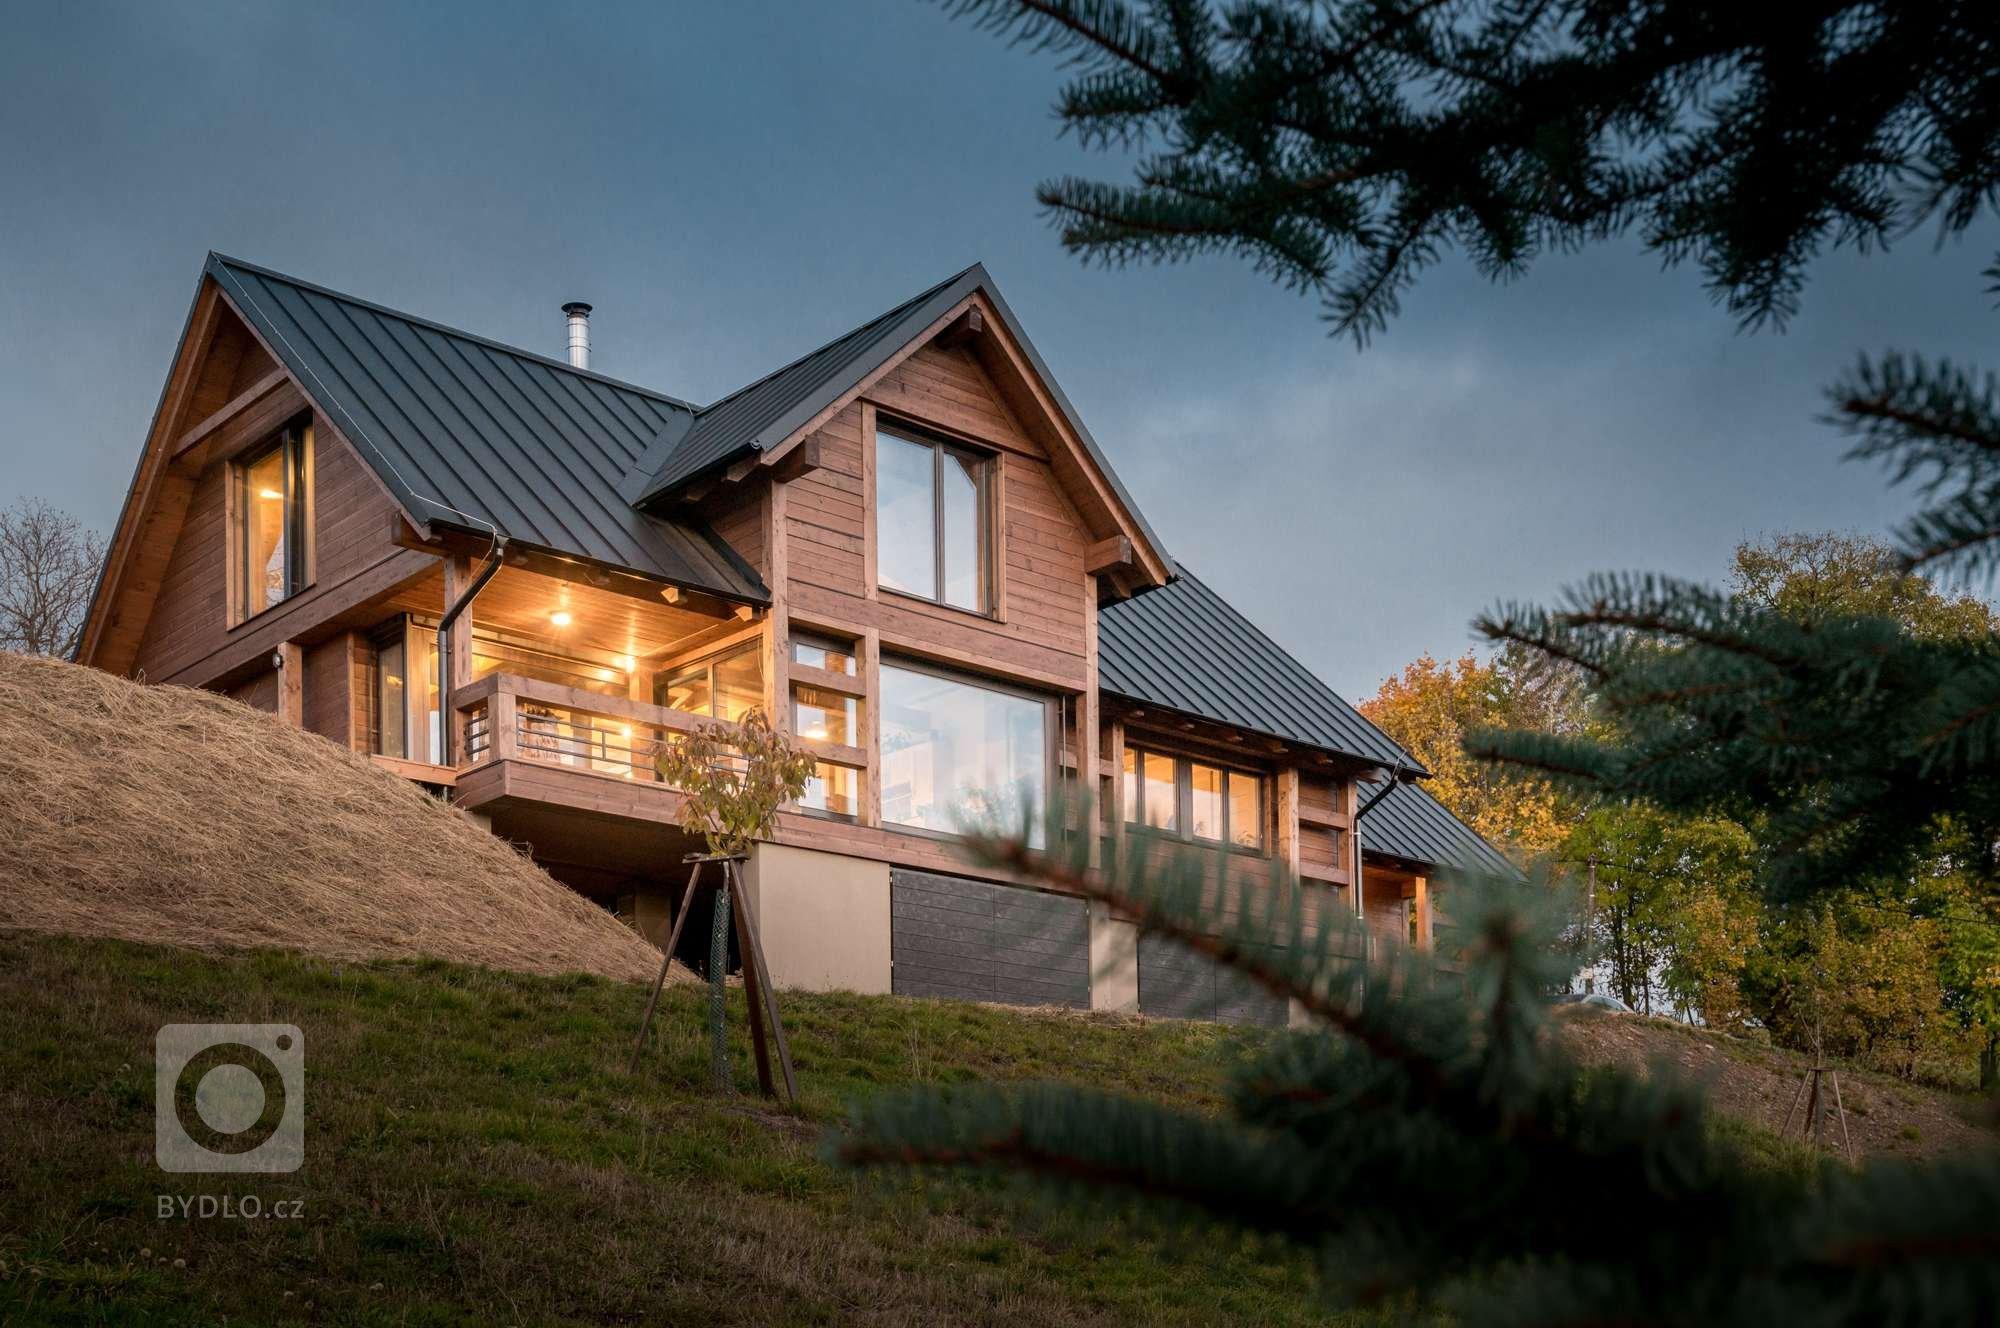 Rodinný dům na nejvýše položeném pozemku v rodné vsi si Eliška s Milanem postavili ve stylu odlehčeného chaletu, navržen a postaven do českých kopců. Vypadá…